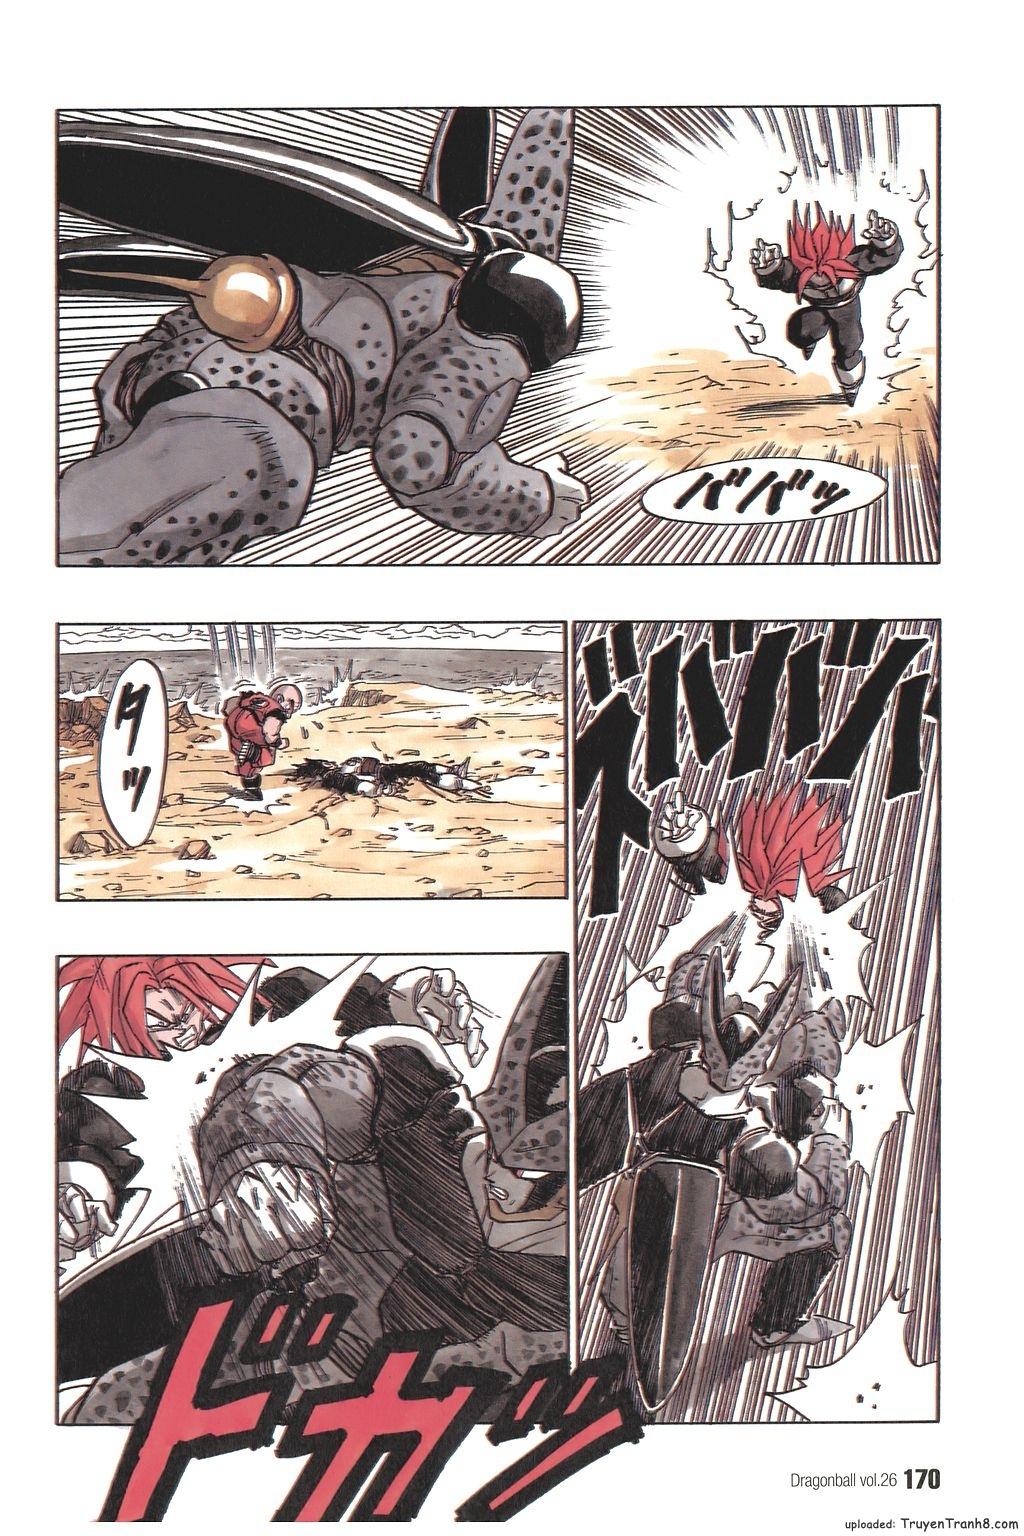 xem truyen moi - Dragon Ball Bản Vip - Bản Đẹp Nguyên Gốc Chap 386